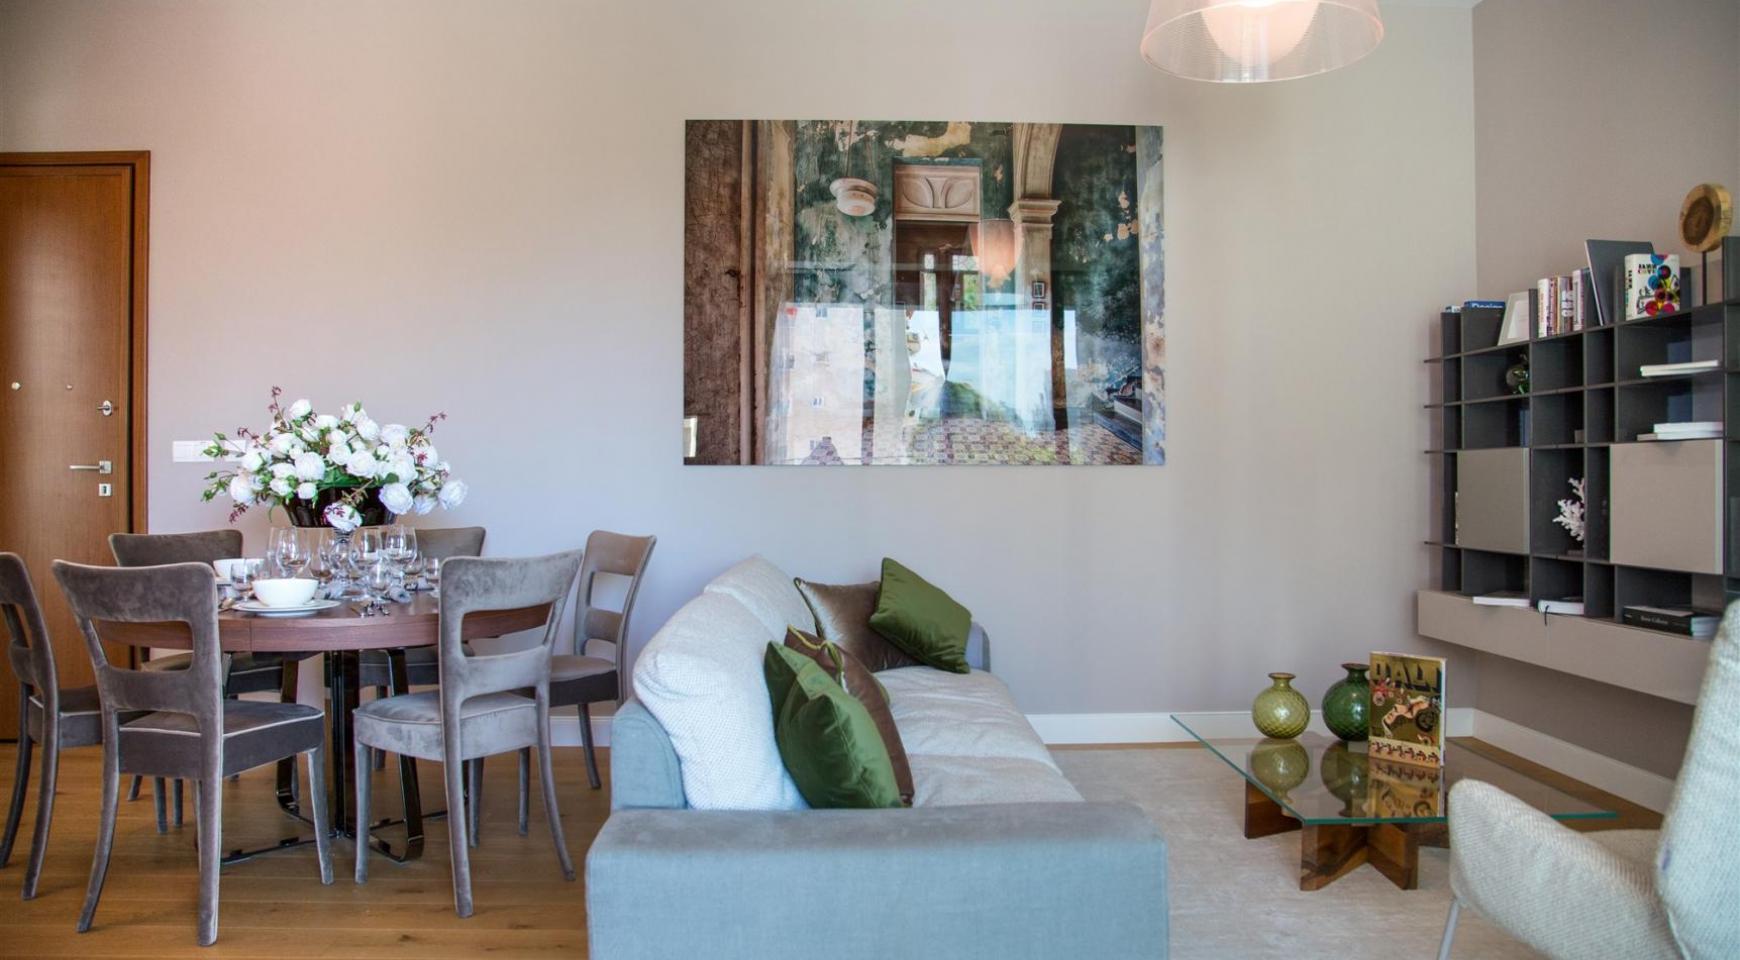 Malibu Residence. Современная  Односпальная Квартира 102 в Туристической Зоне - 3